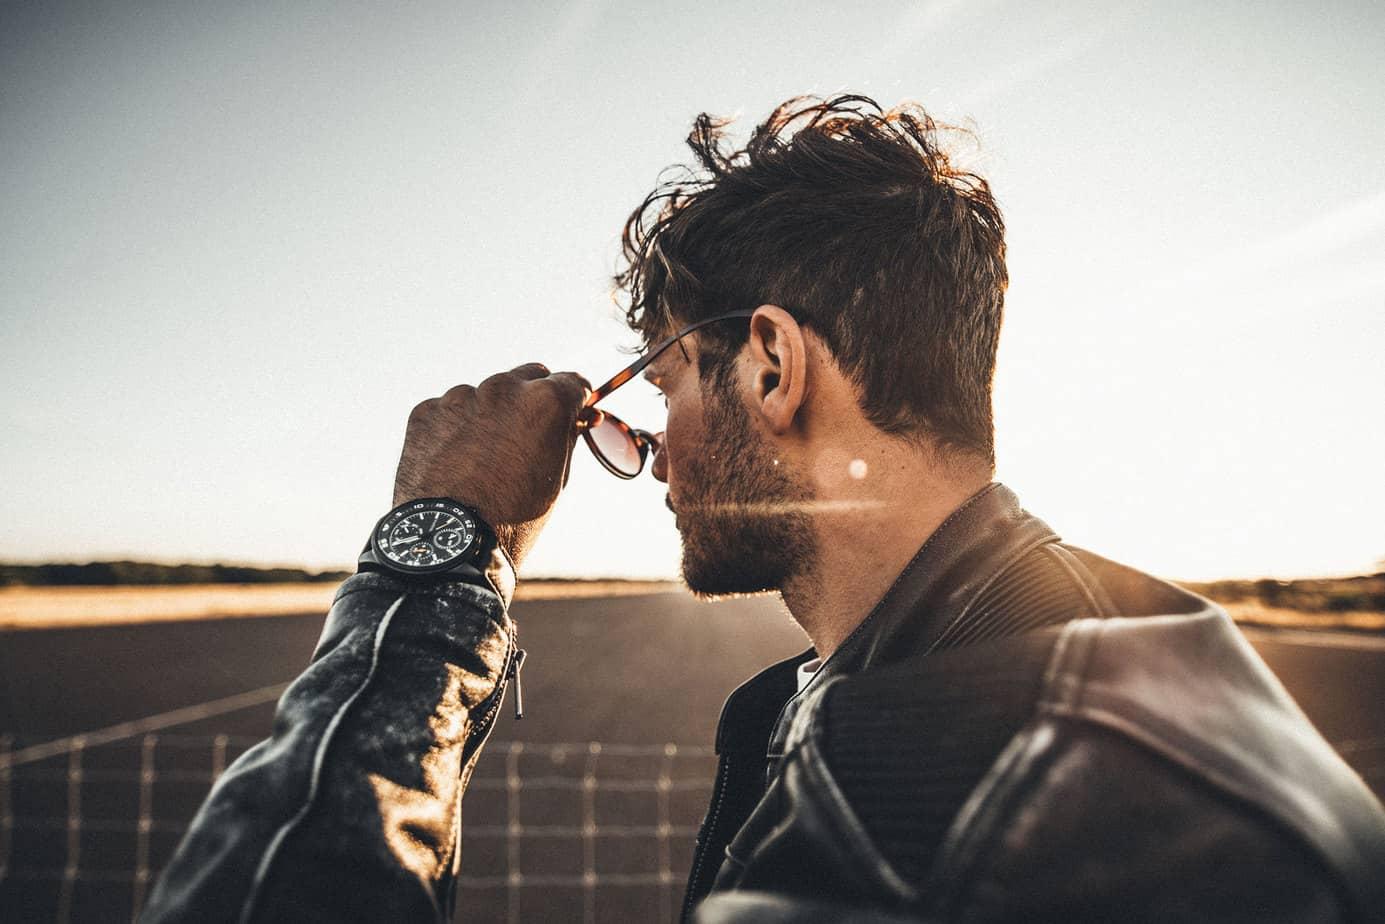 prisma aviator watch horloge heren piloten horloge pilot watch